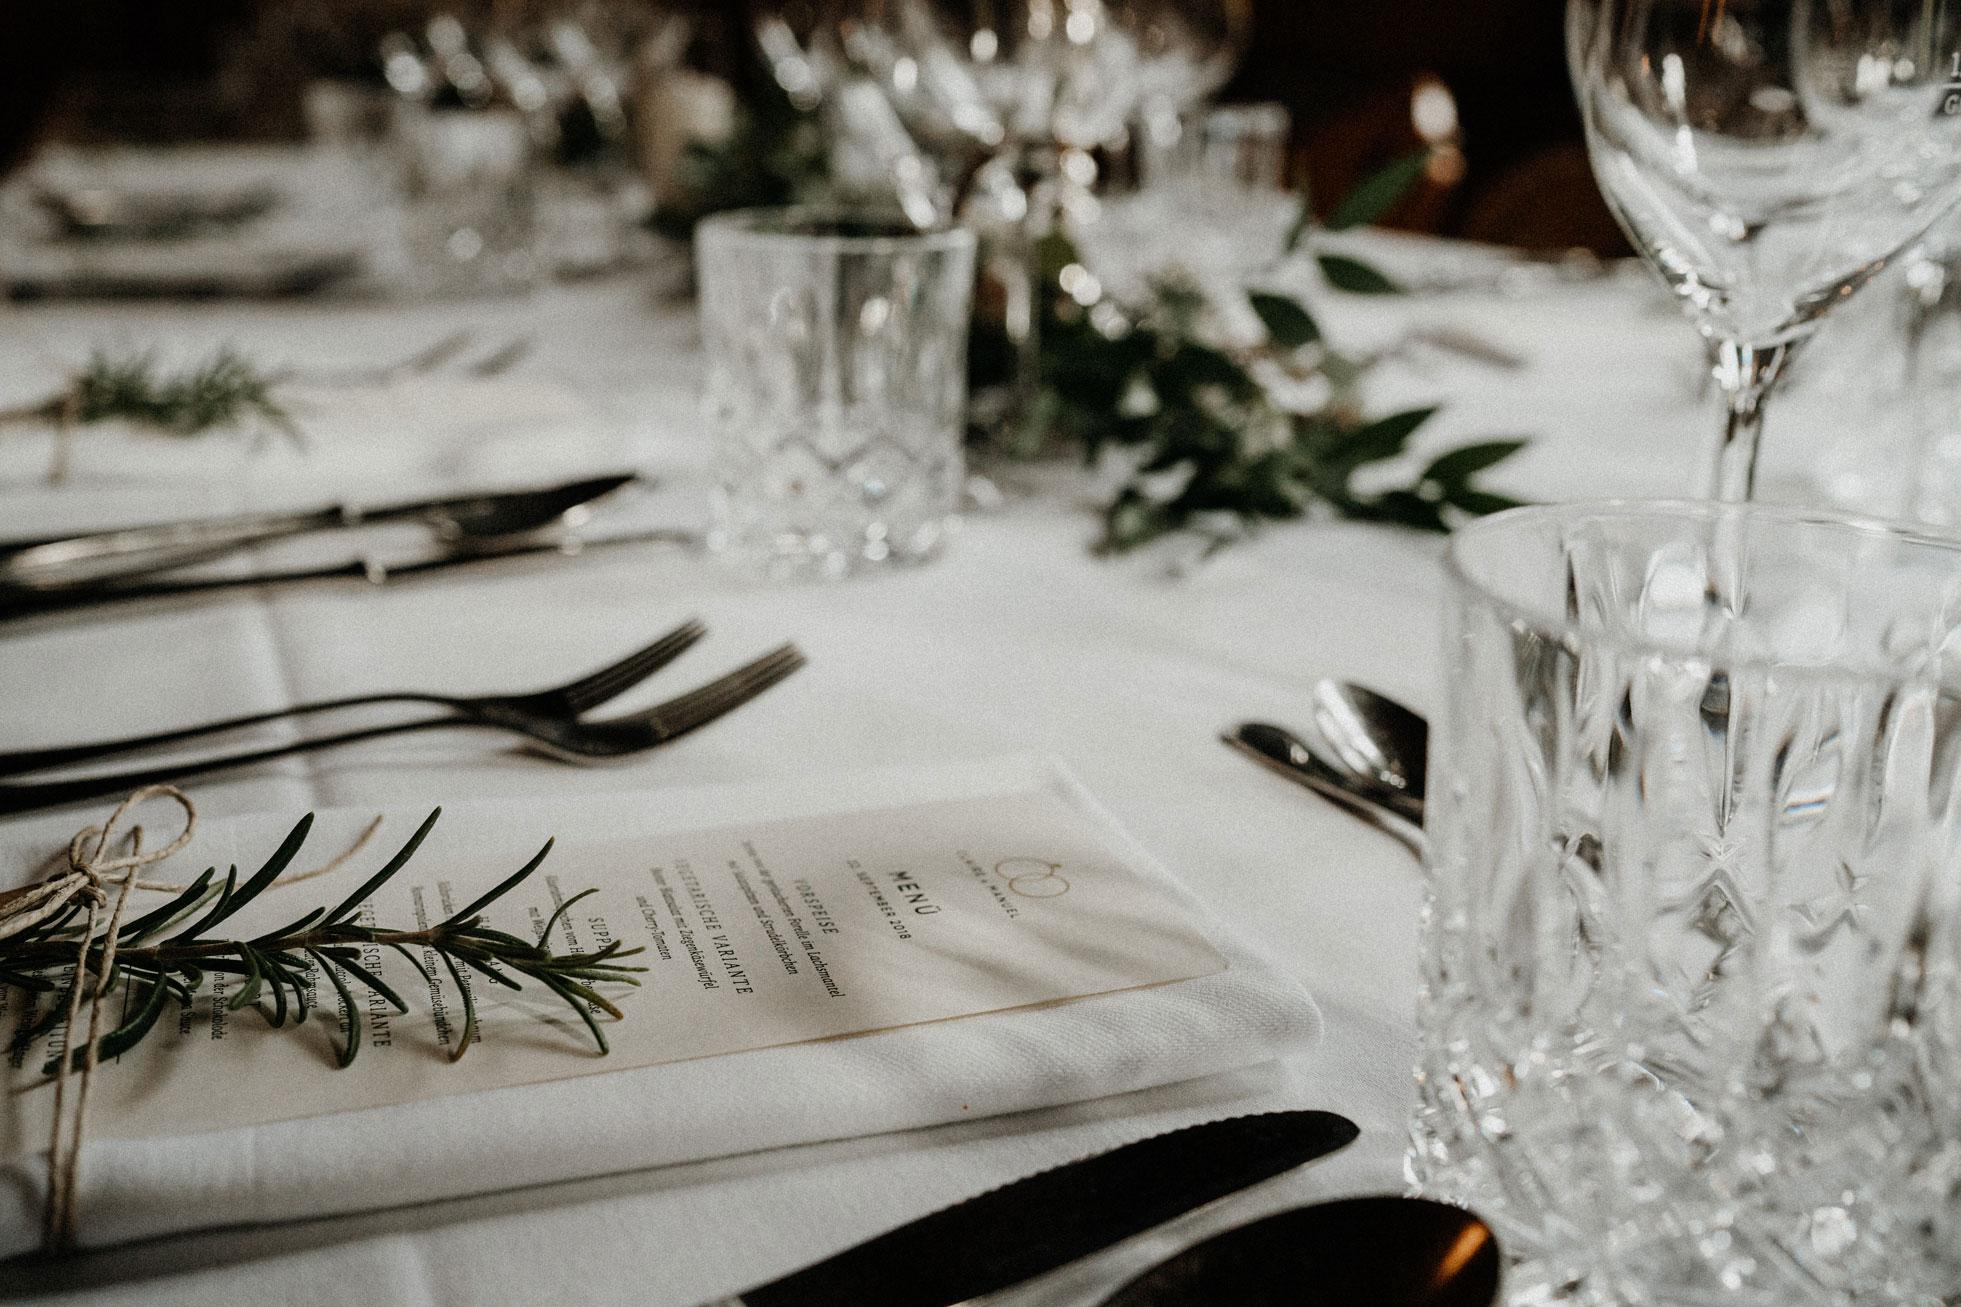 Hochzeit_Claire_Manuel_Villa_Maund_Daniel_Jenny-349.jpg